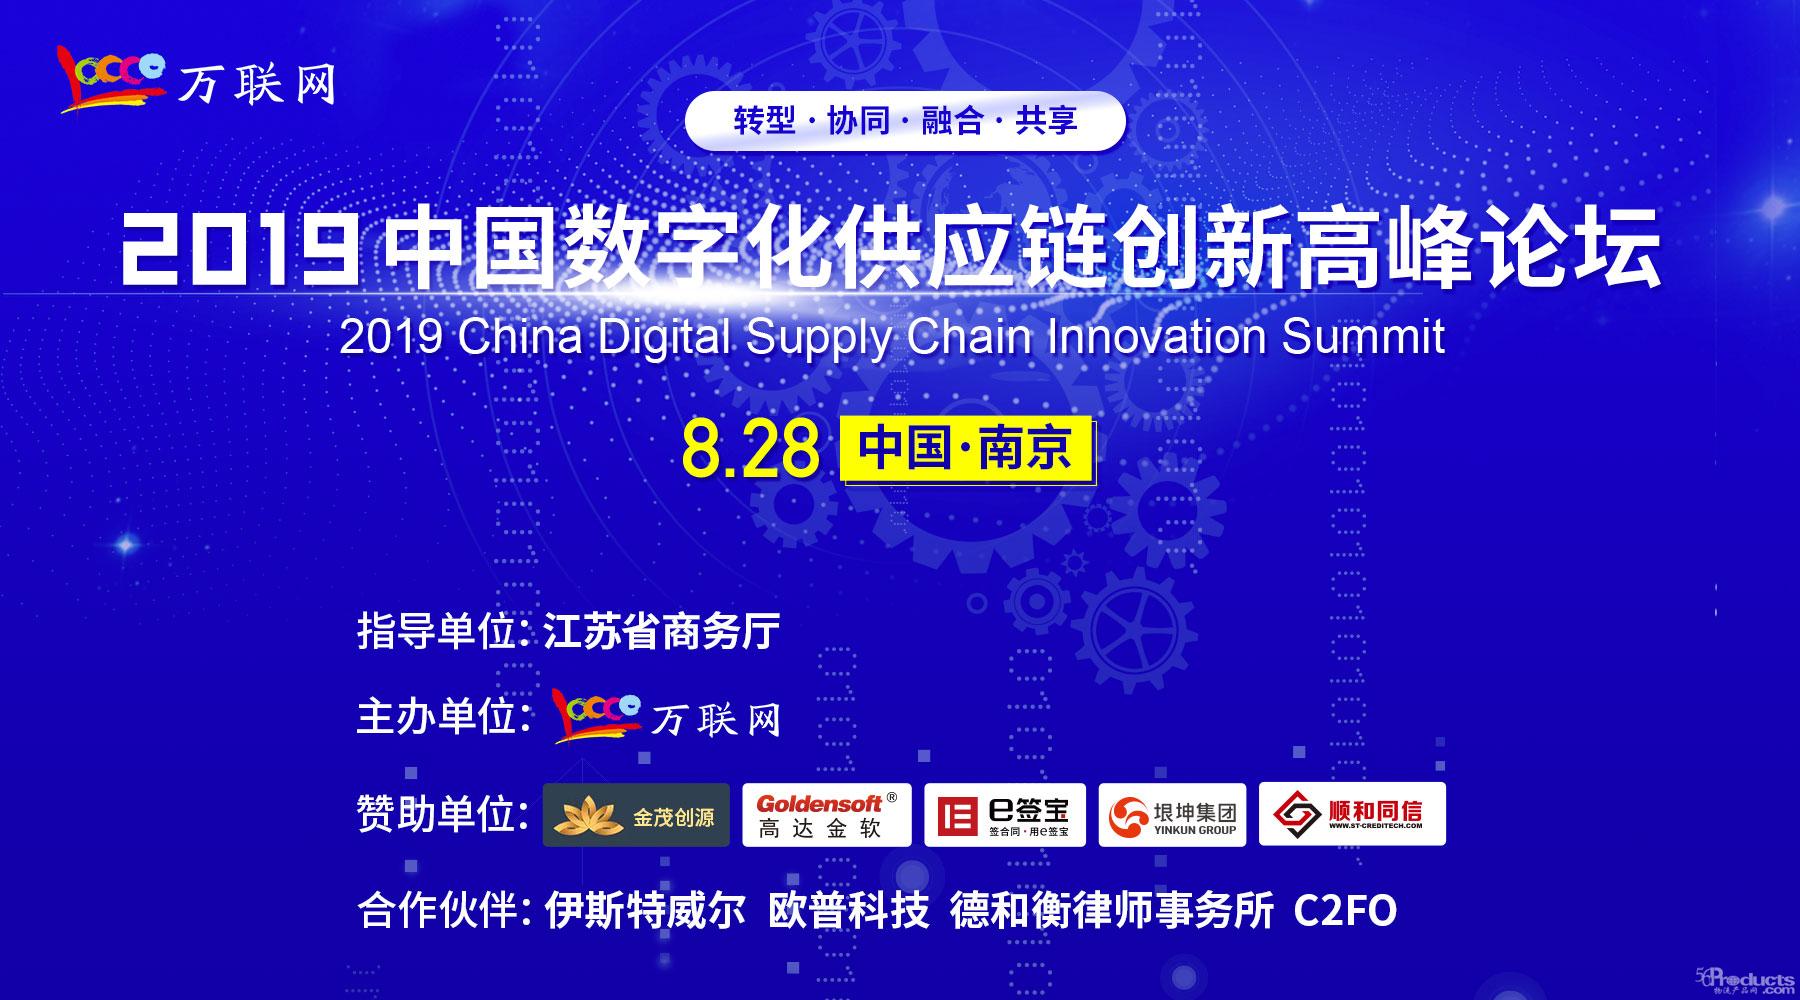 2019中国数字化供应链创新高峰论坛将在南京召开